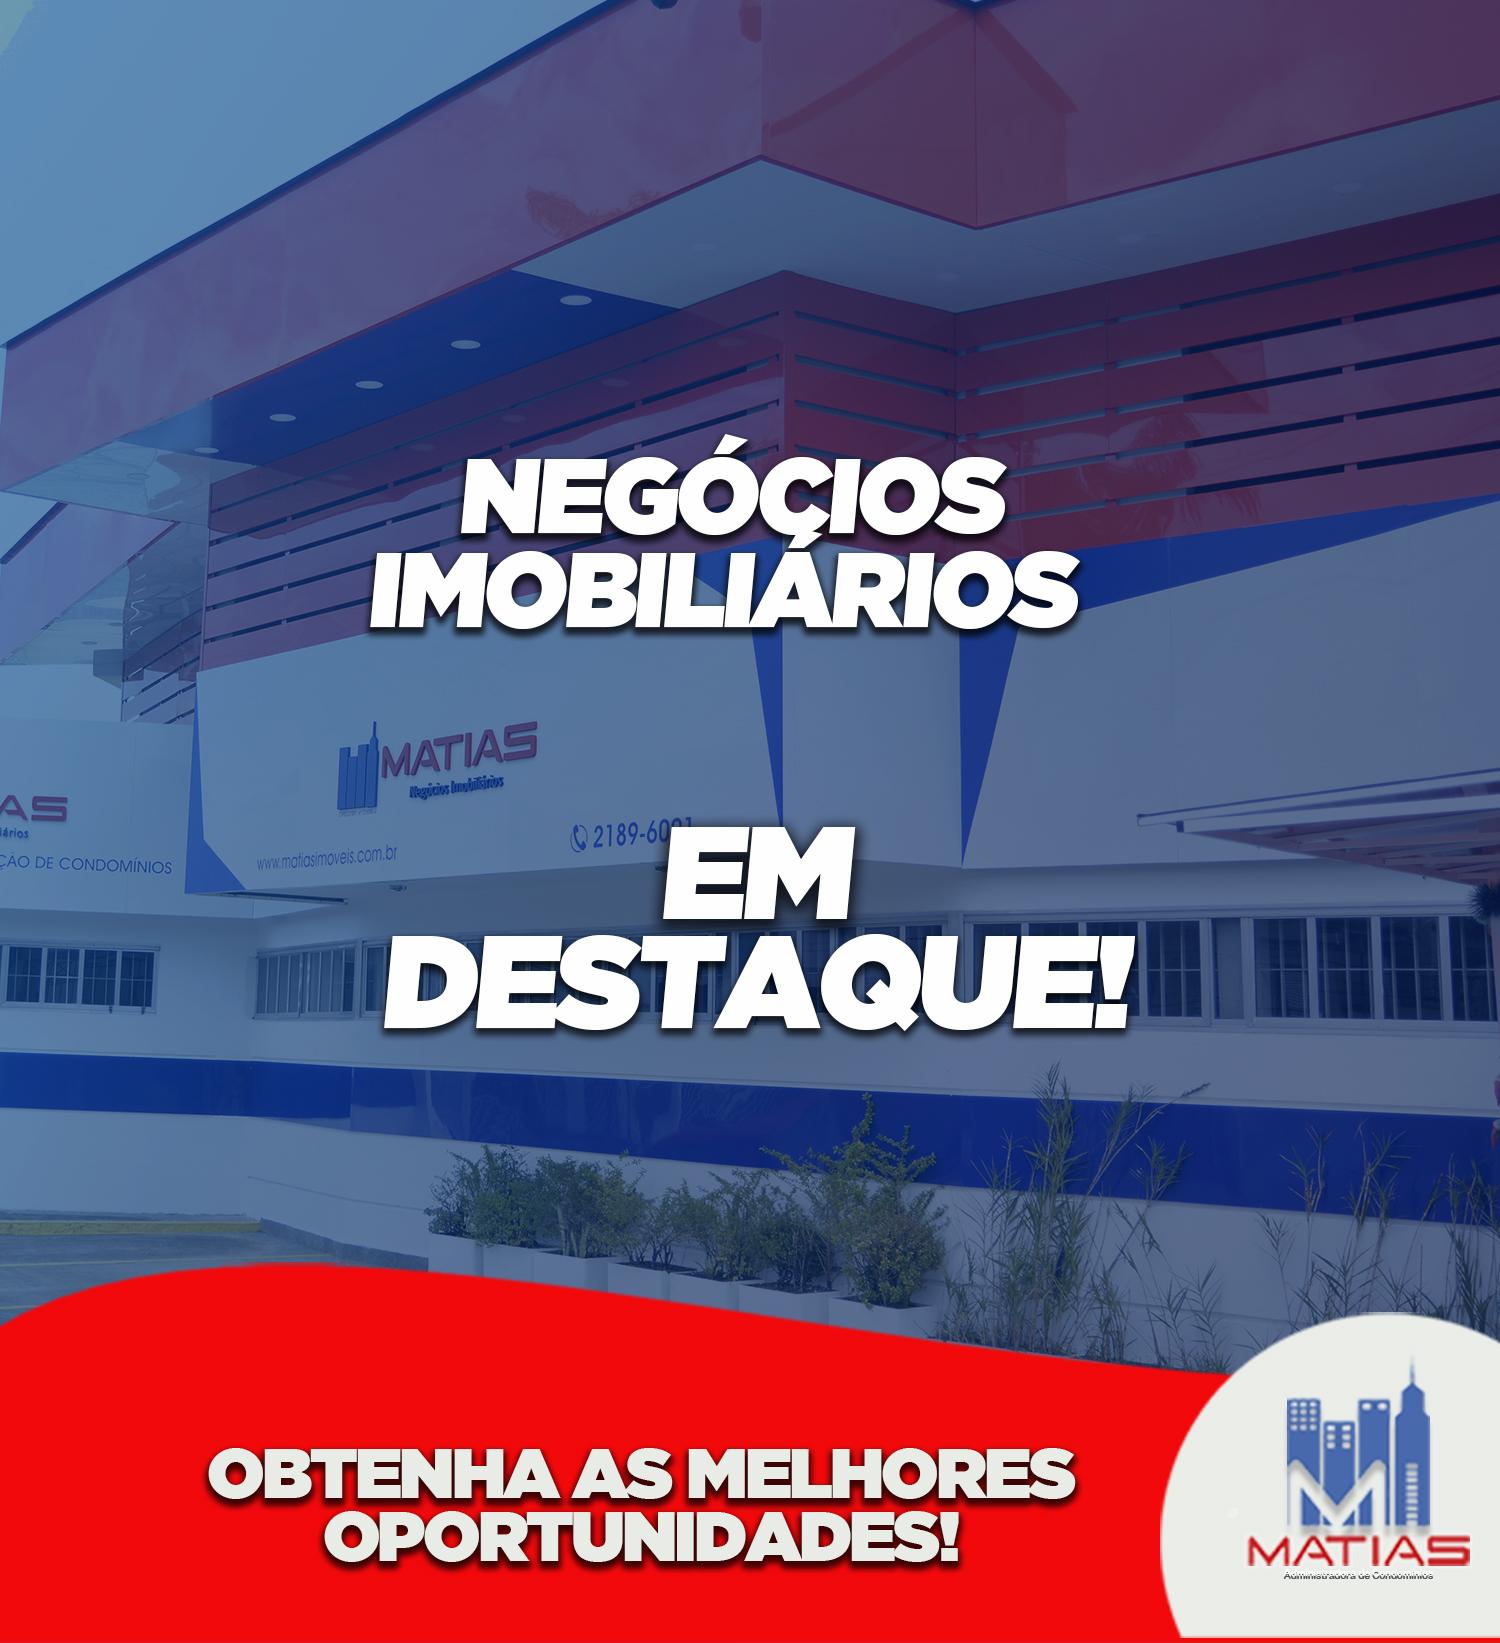 NEGÓCIOS IMOBILIÁRIOS EM DESTAQUE!